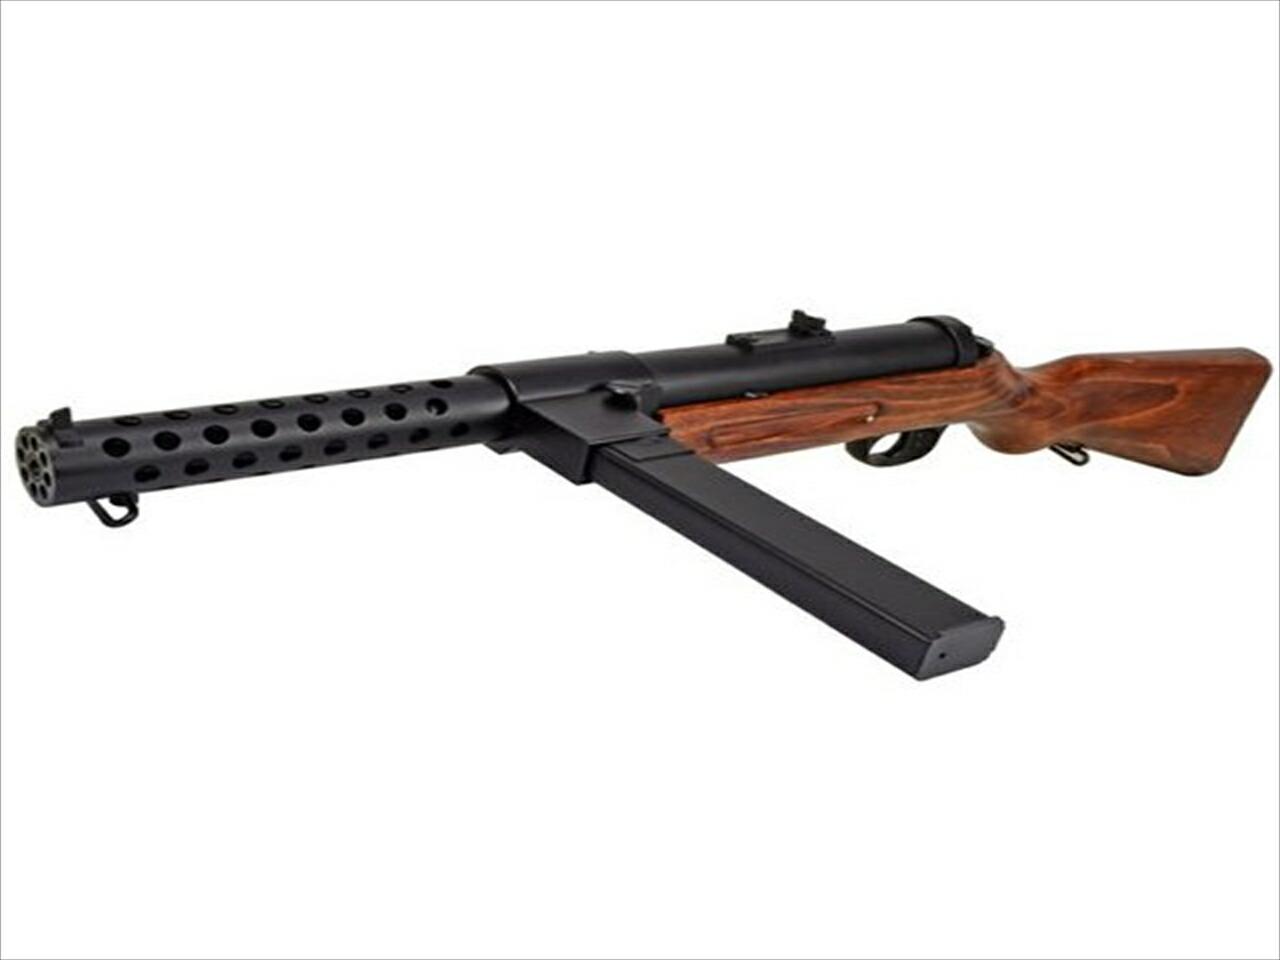 【エントリー全会員P10倍】 ARROW DYNAMIC 電動ガン MP18 ベルグマン 短機関銃 ドイツ軍 サバゲー 木製ストック 害獣駆除 銃 エアガン 18歳以上 新品